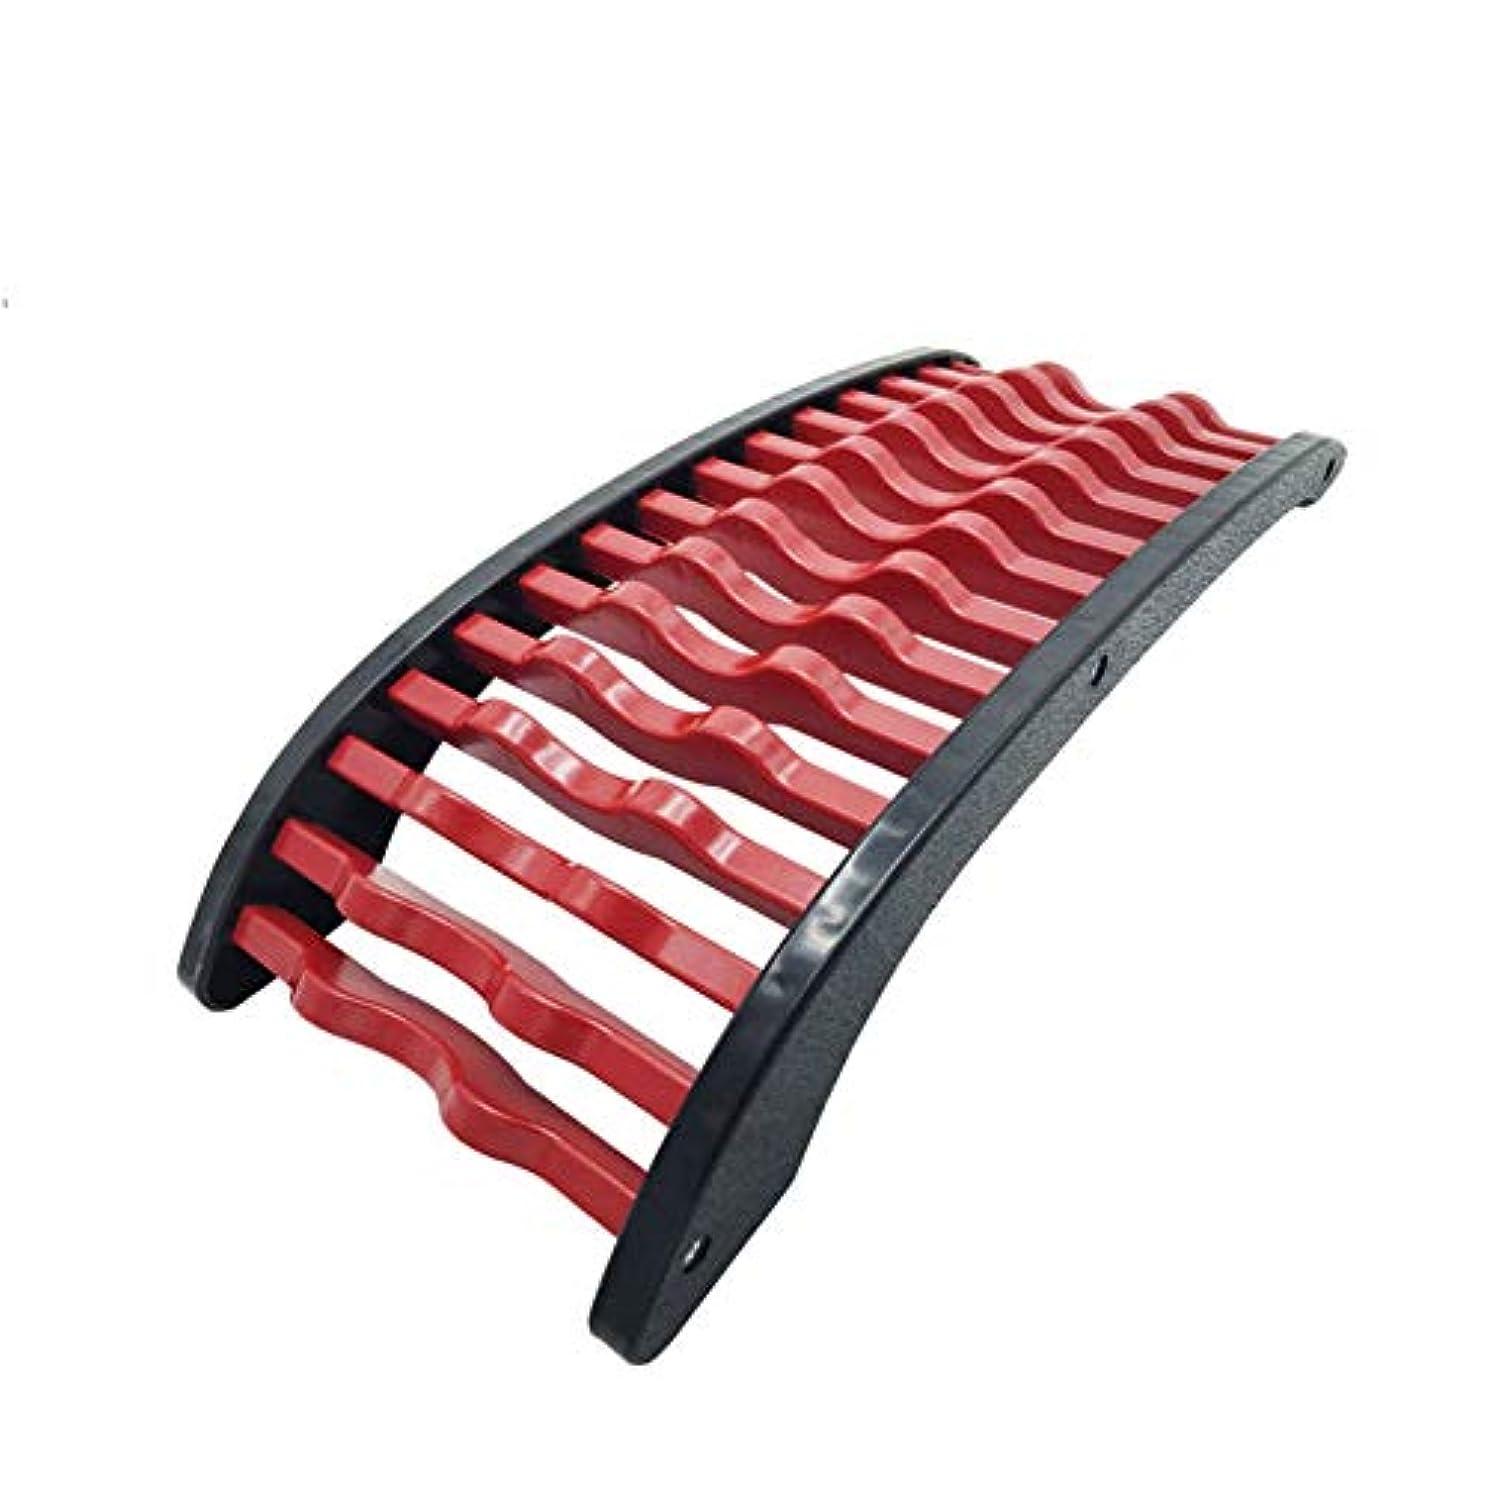 適合しましたランドマーク逃す腰椎矯正 弧状 引っ張り背筋が伸び マッサージ器 なだめるような ハンプバックランバーディスク家庭用